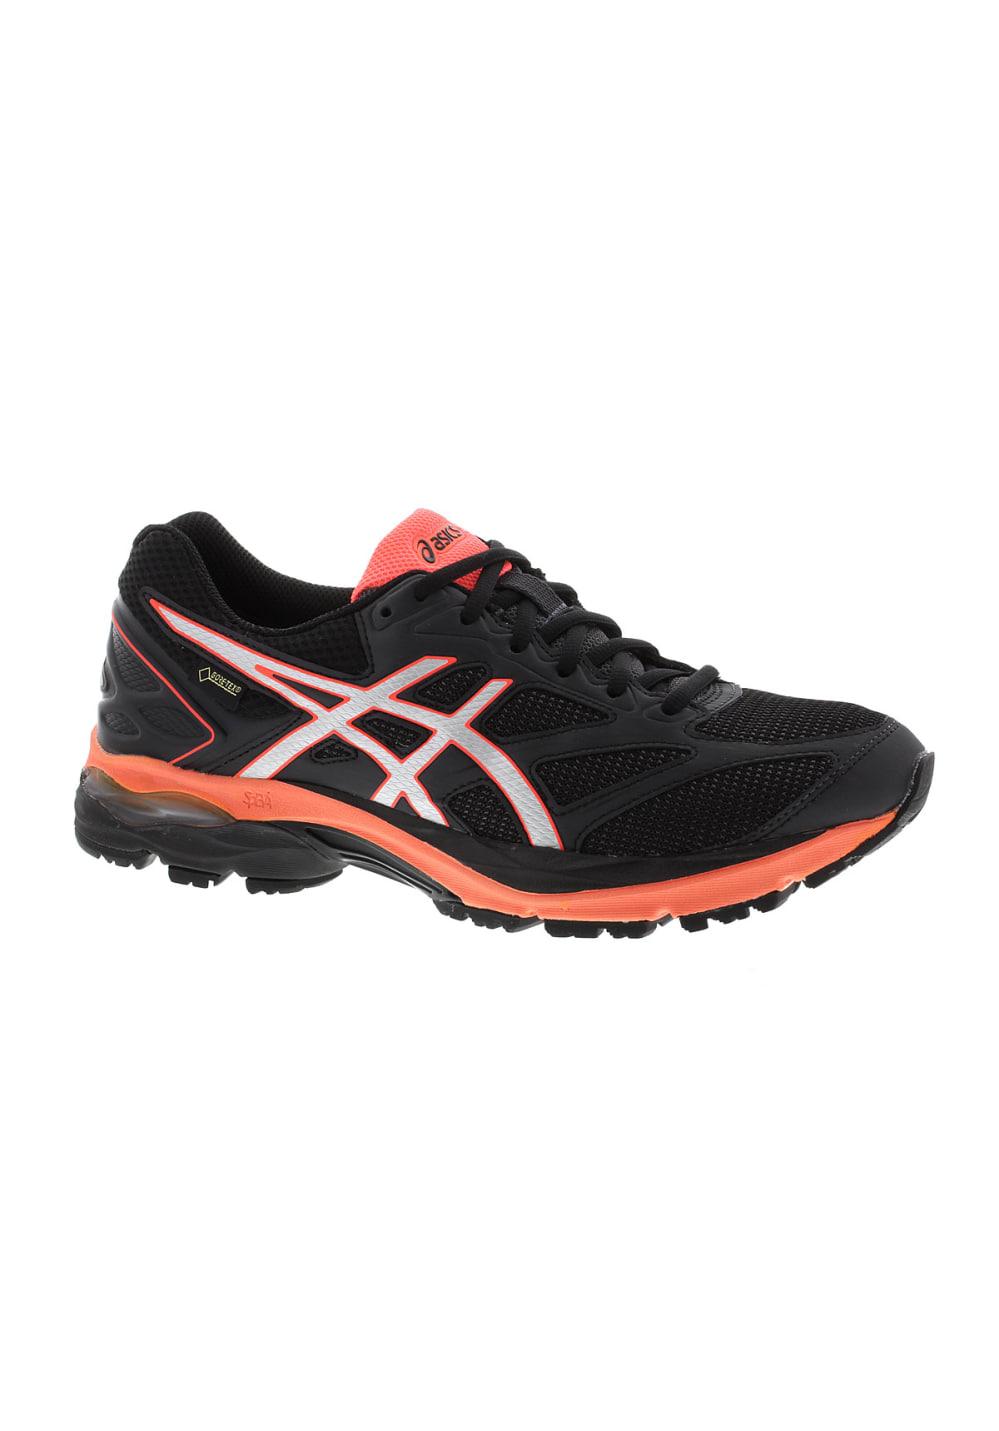 03a6c6a56051 ASICS GEL-Pulse 8 G-TX - Running shoes for Women - Black | 21RUN